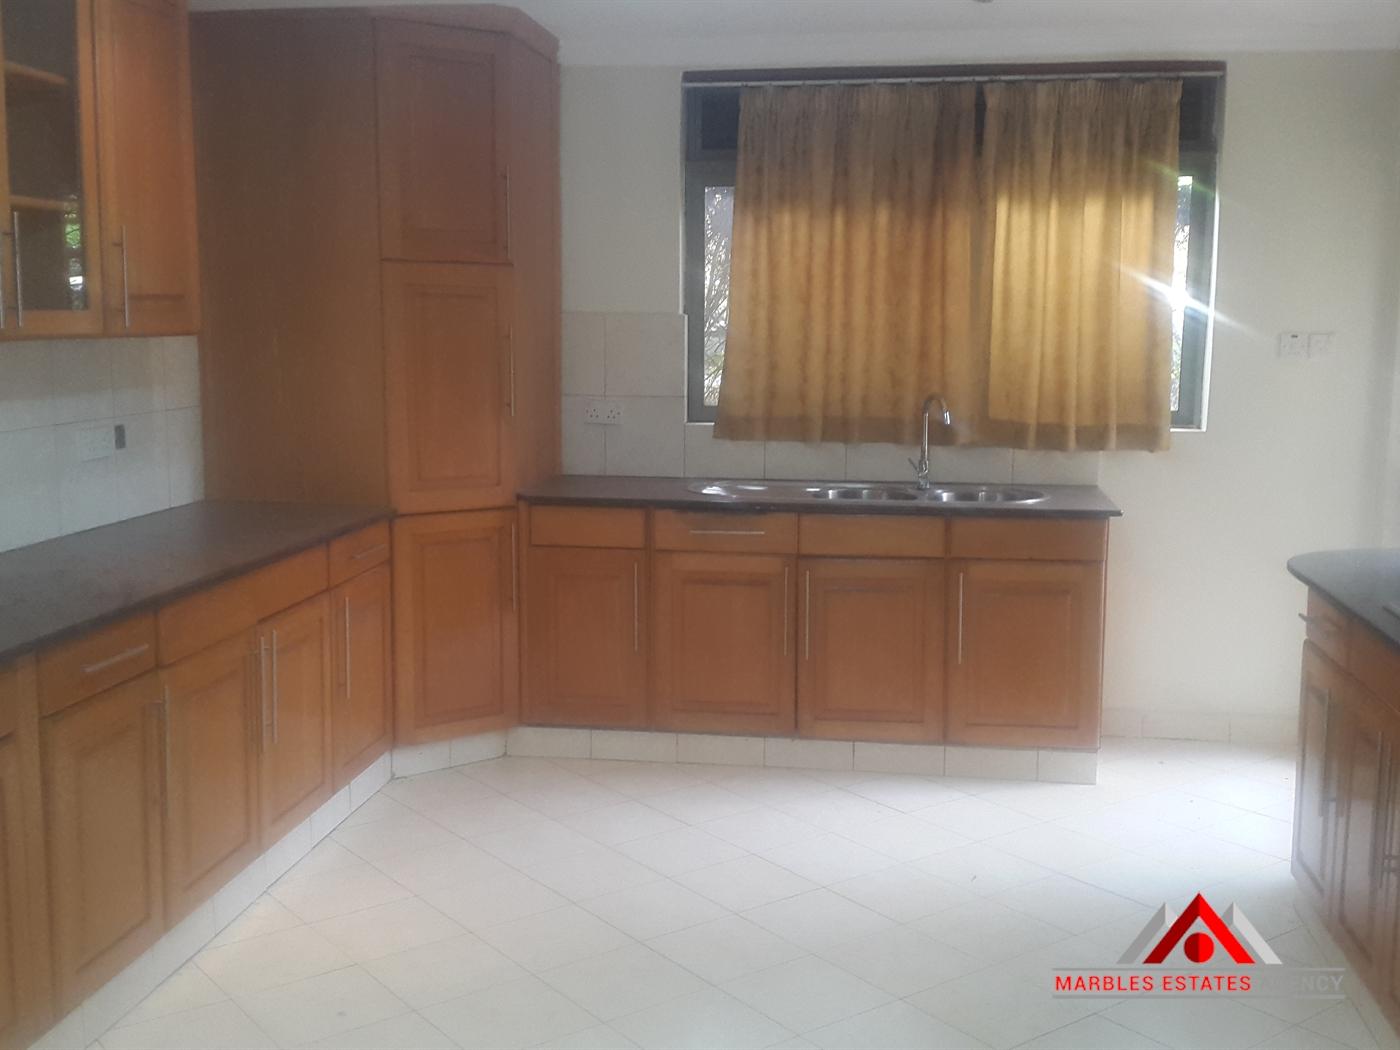 Apartment block for rent in Naguru Kampala